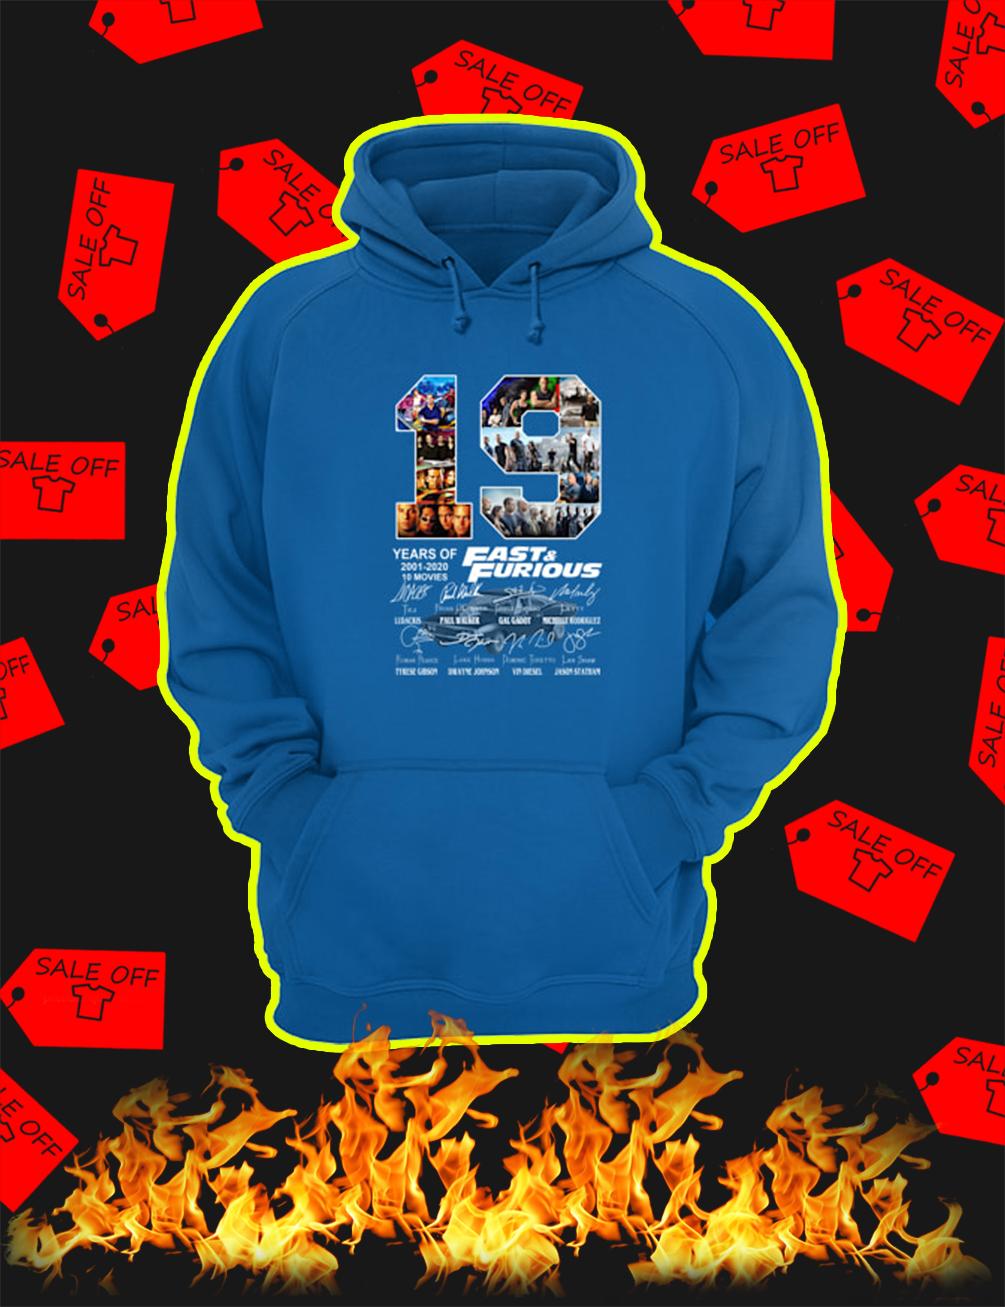 19 Years Of Fast & Furious 2001 2020 hoodie